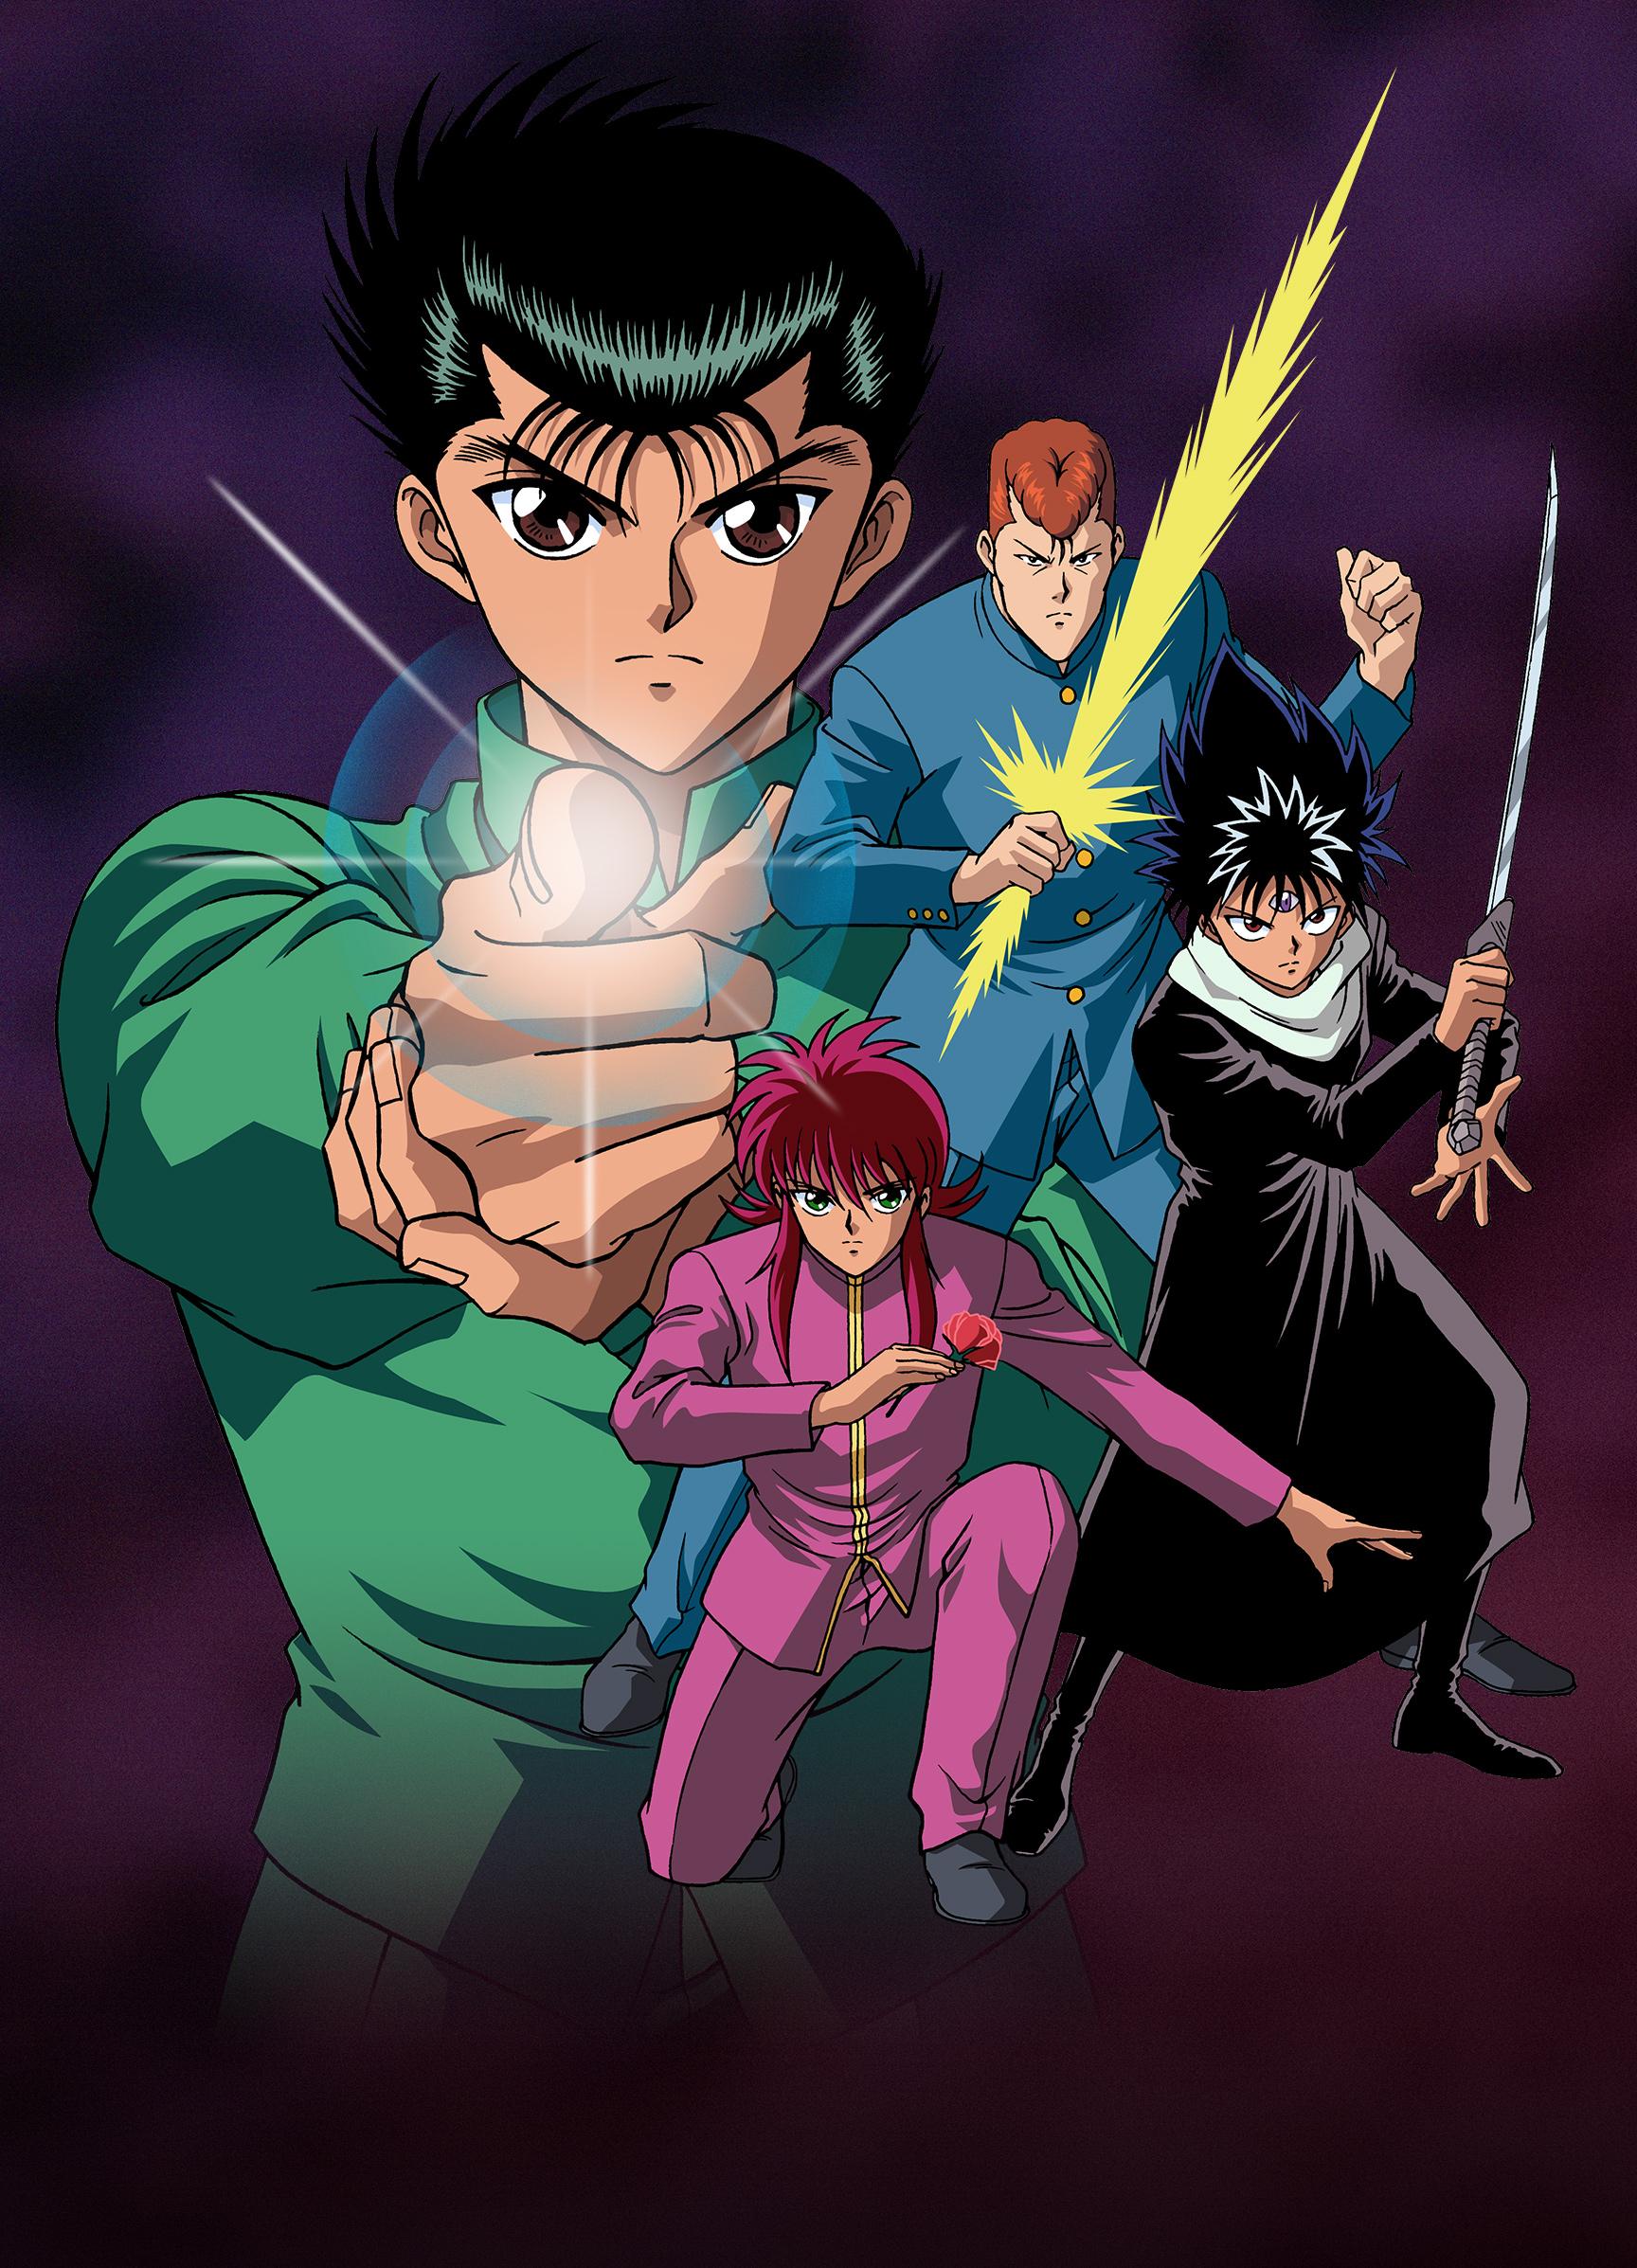 Best Anime Wallpaper Sana: Yu Yu Hakusho Dark Tournament ...